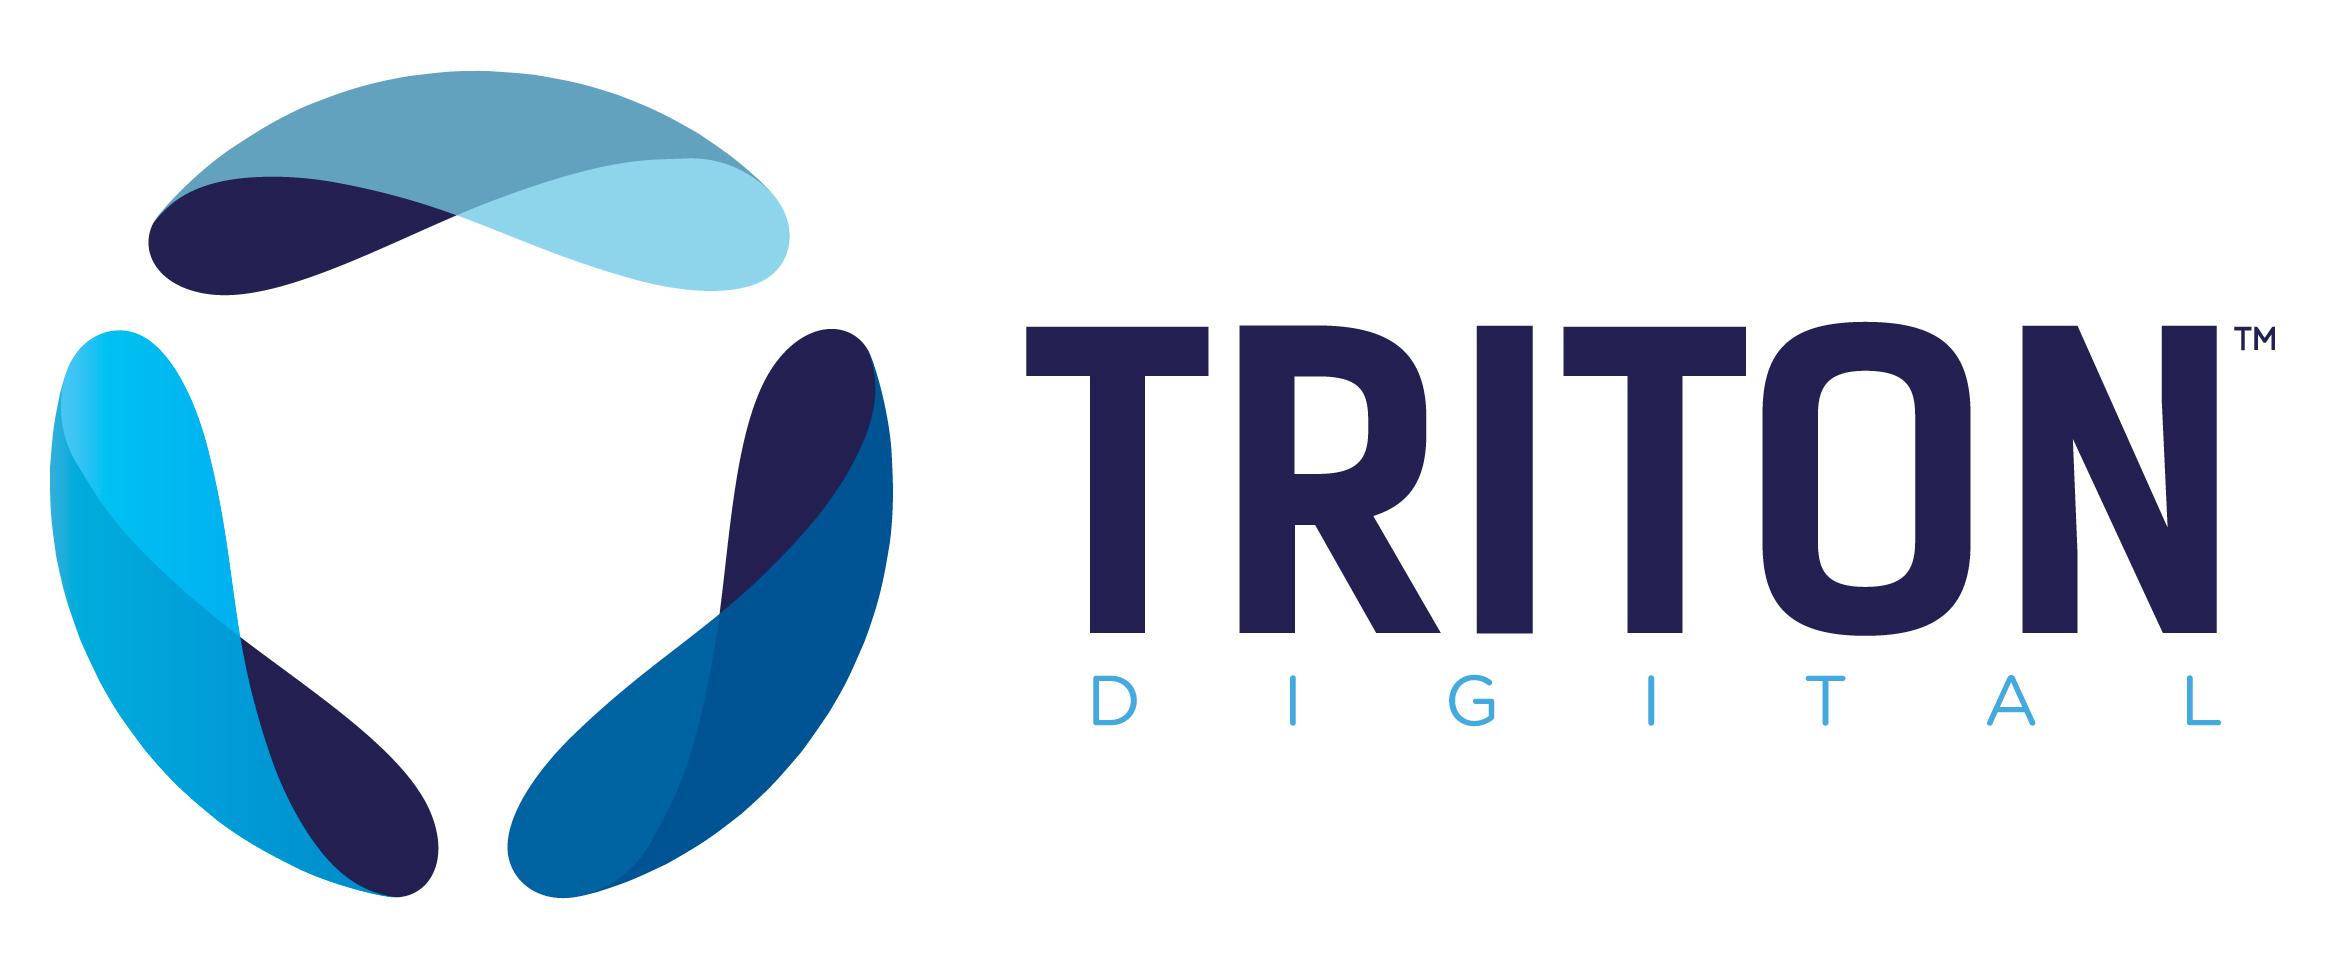 Triton Digital publica los rankings de Webcast Metrics de las principales redes y emisoras de audio digital para marzo de 2019